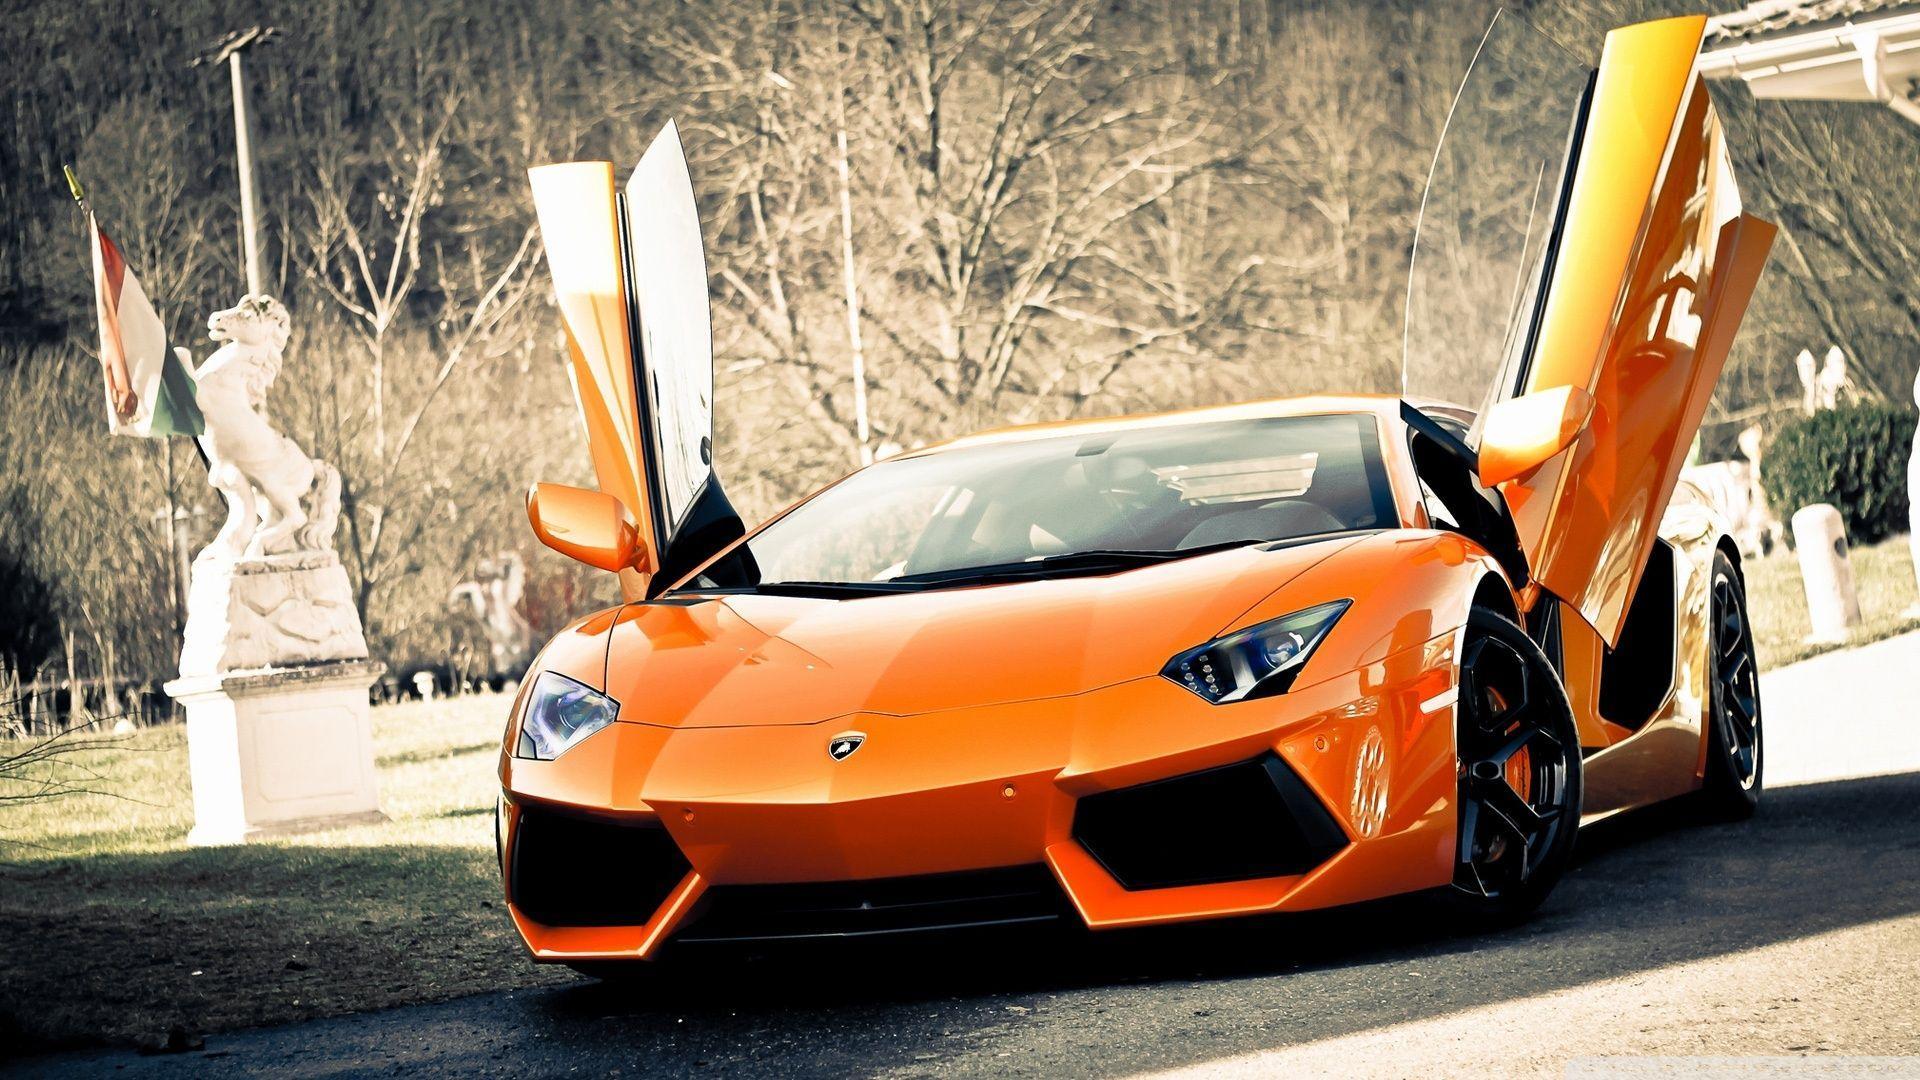 Lamborghini Car Hd Wallpapers Top Free Lamborghini Car Hd Backgrounds Wallpaperaccess